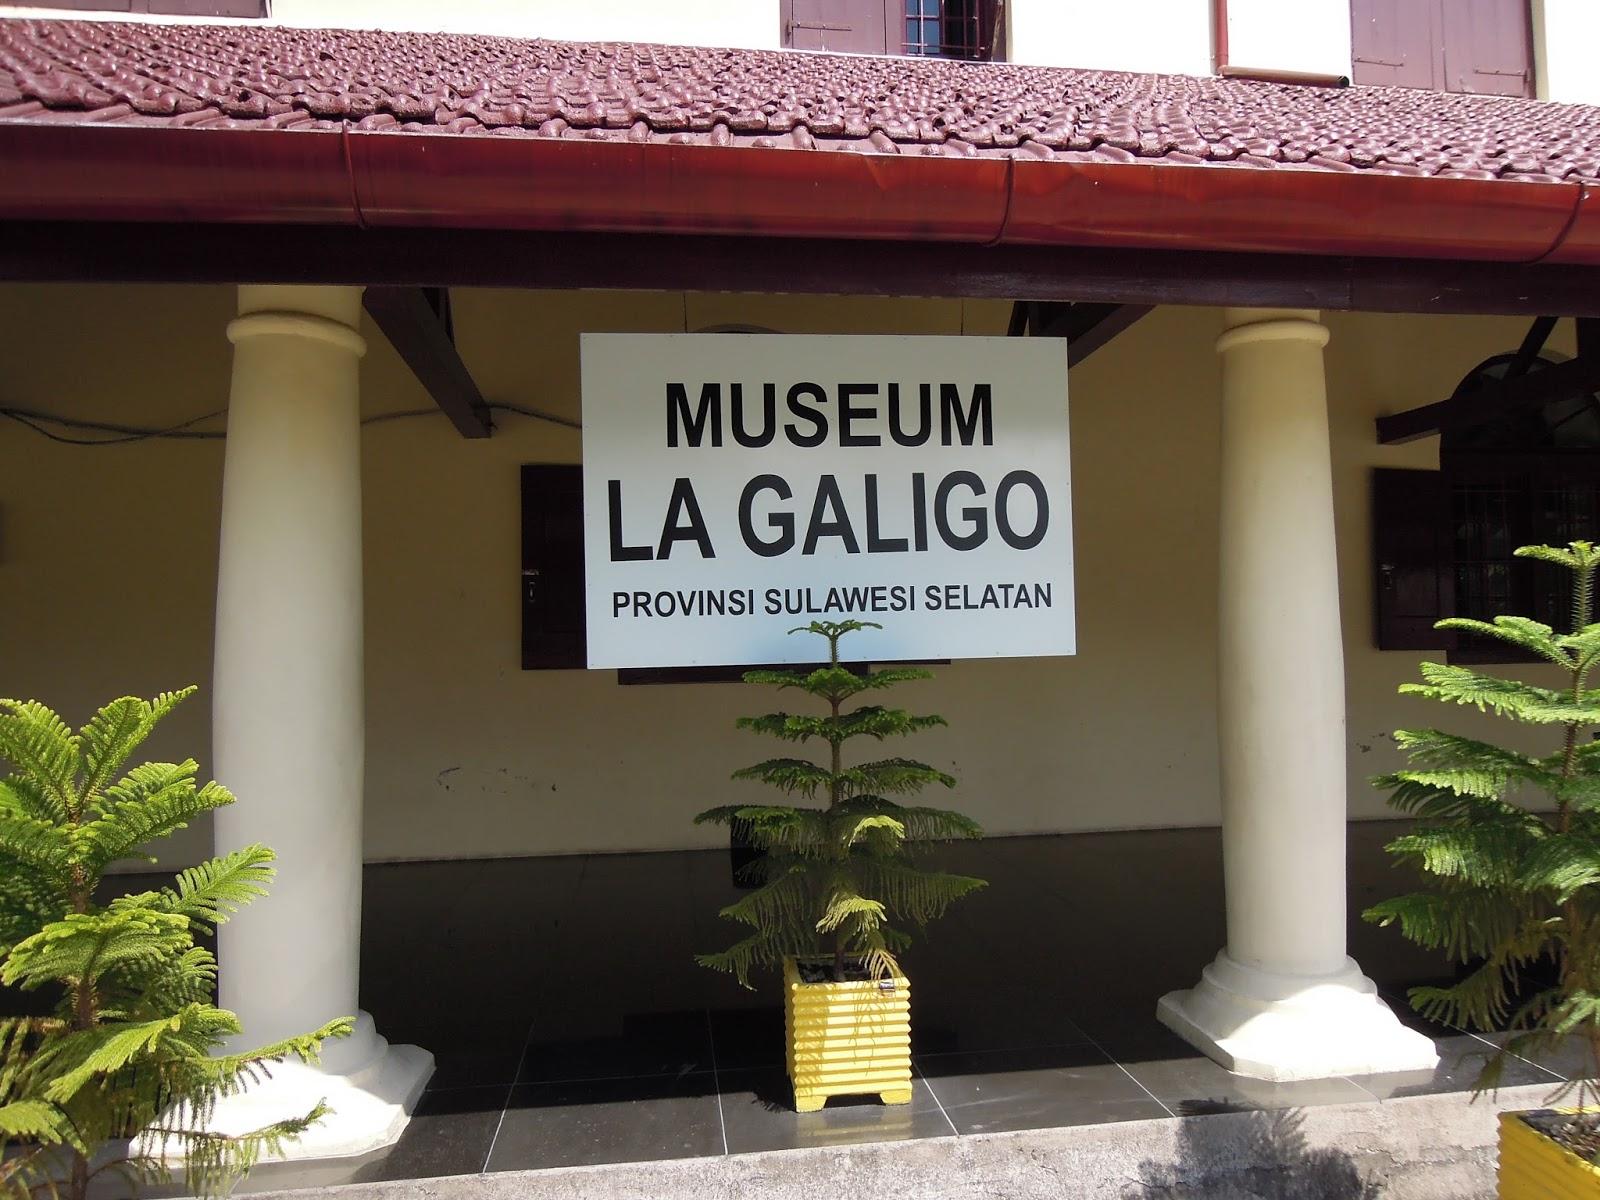 Stars Tiketgratisairpaz Museum Informatif La Galigo Memuat Berbagai Peninggalan Peradaban